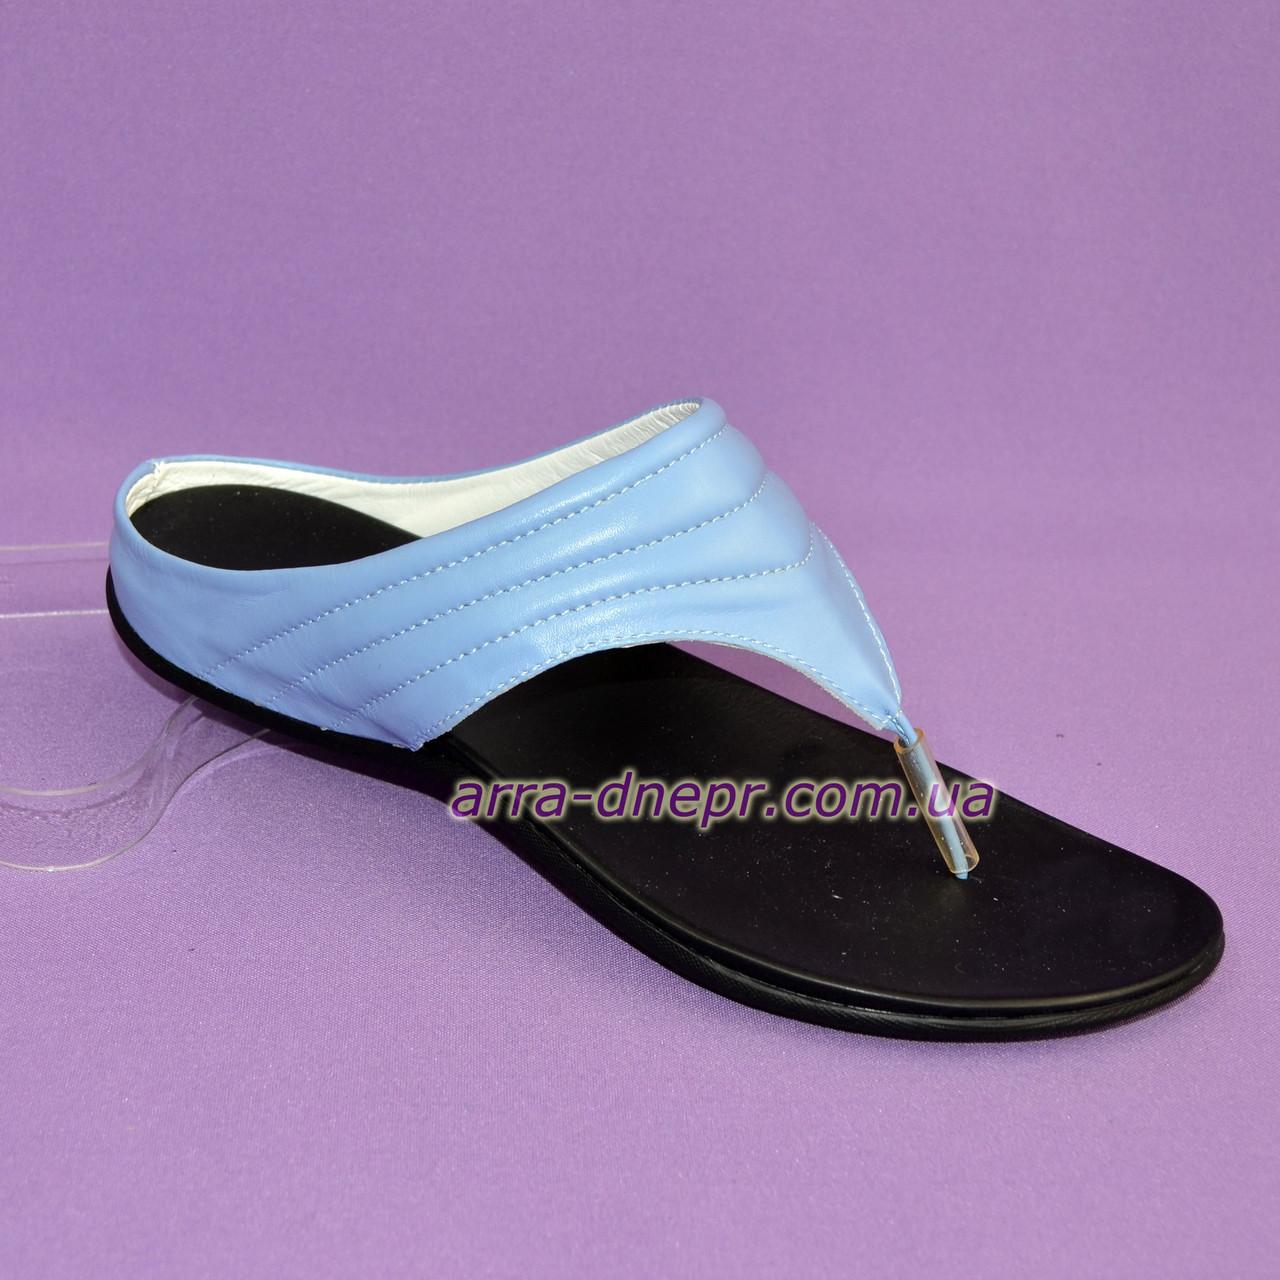 Женские кожаные шлепанцы-вьетнамки на низкой подошве, голубой цвет